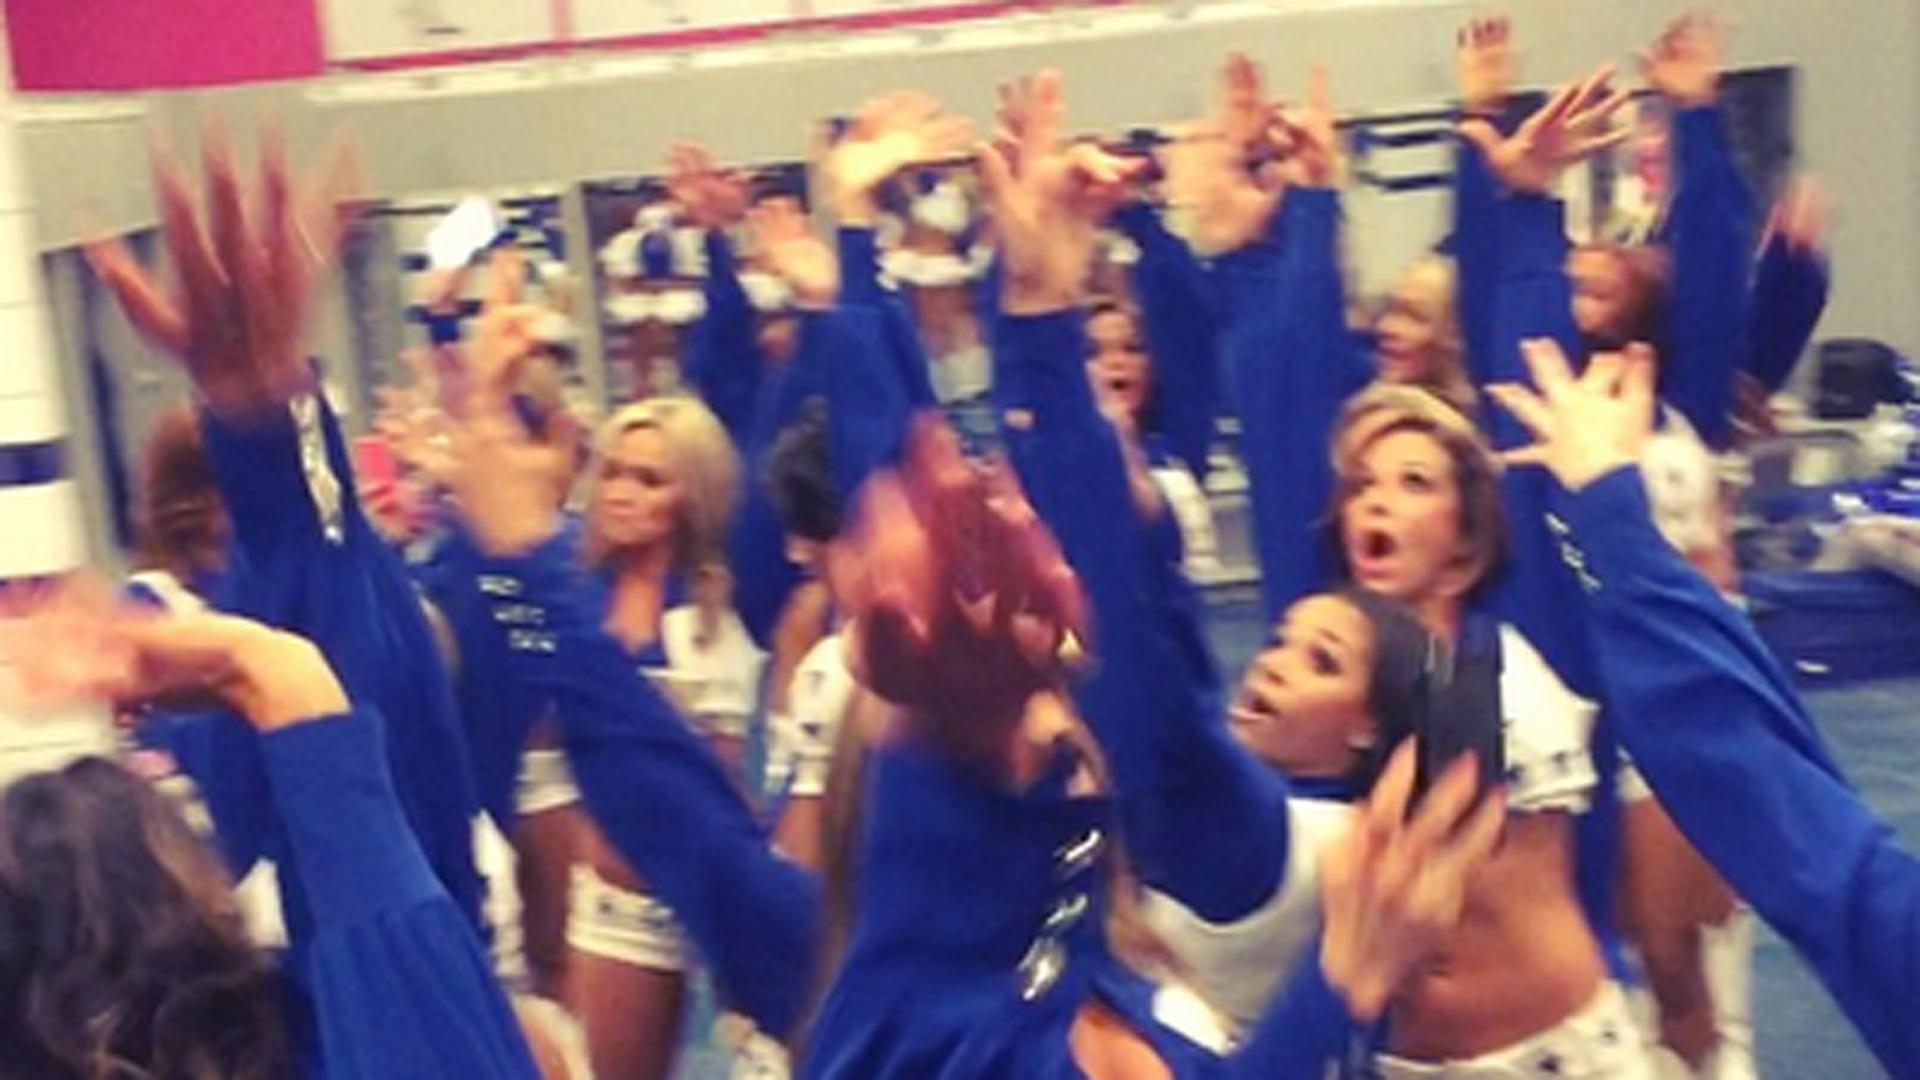 Cowboy Cheerleaders Hold Impromptu Locker Room Dance Party